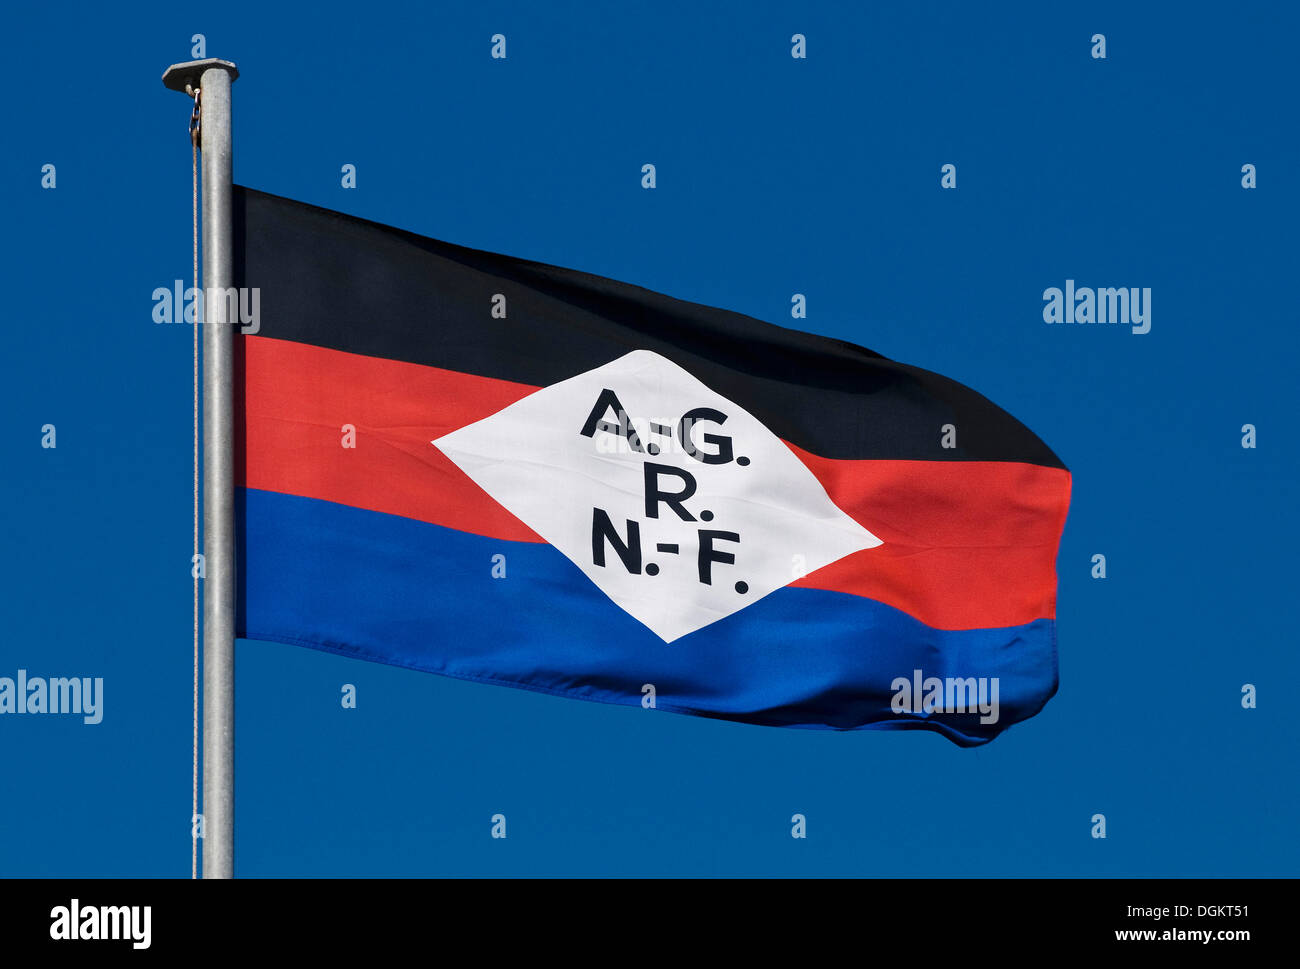 Bandiera del Norden-Frisia la società di spedizione, Shipping Corporation Norden-Frisia, North Sea Ferries Immagini Stock